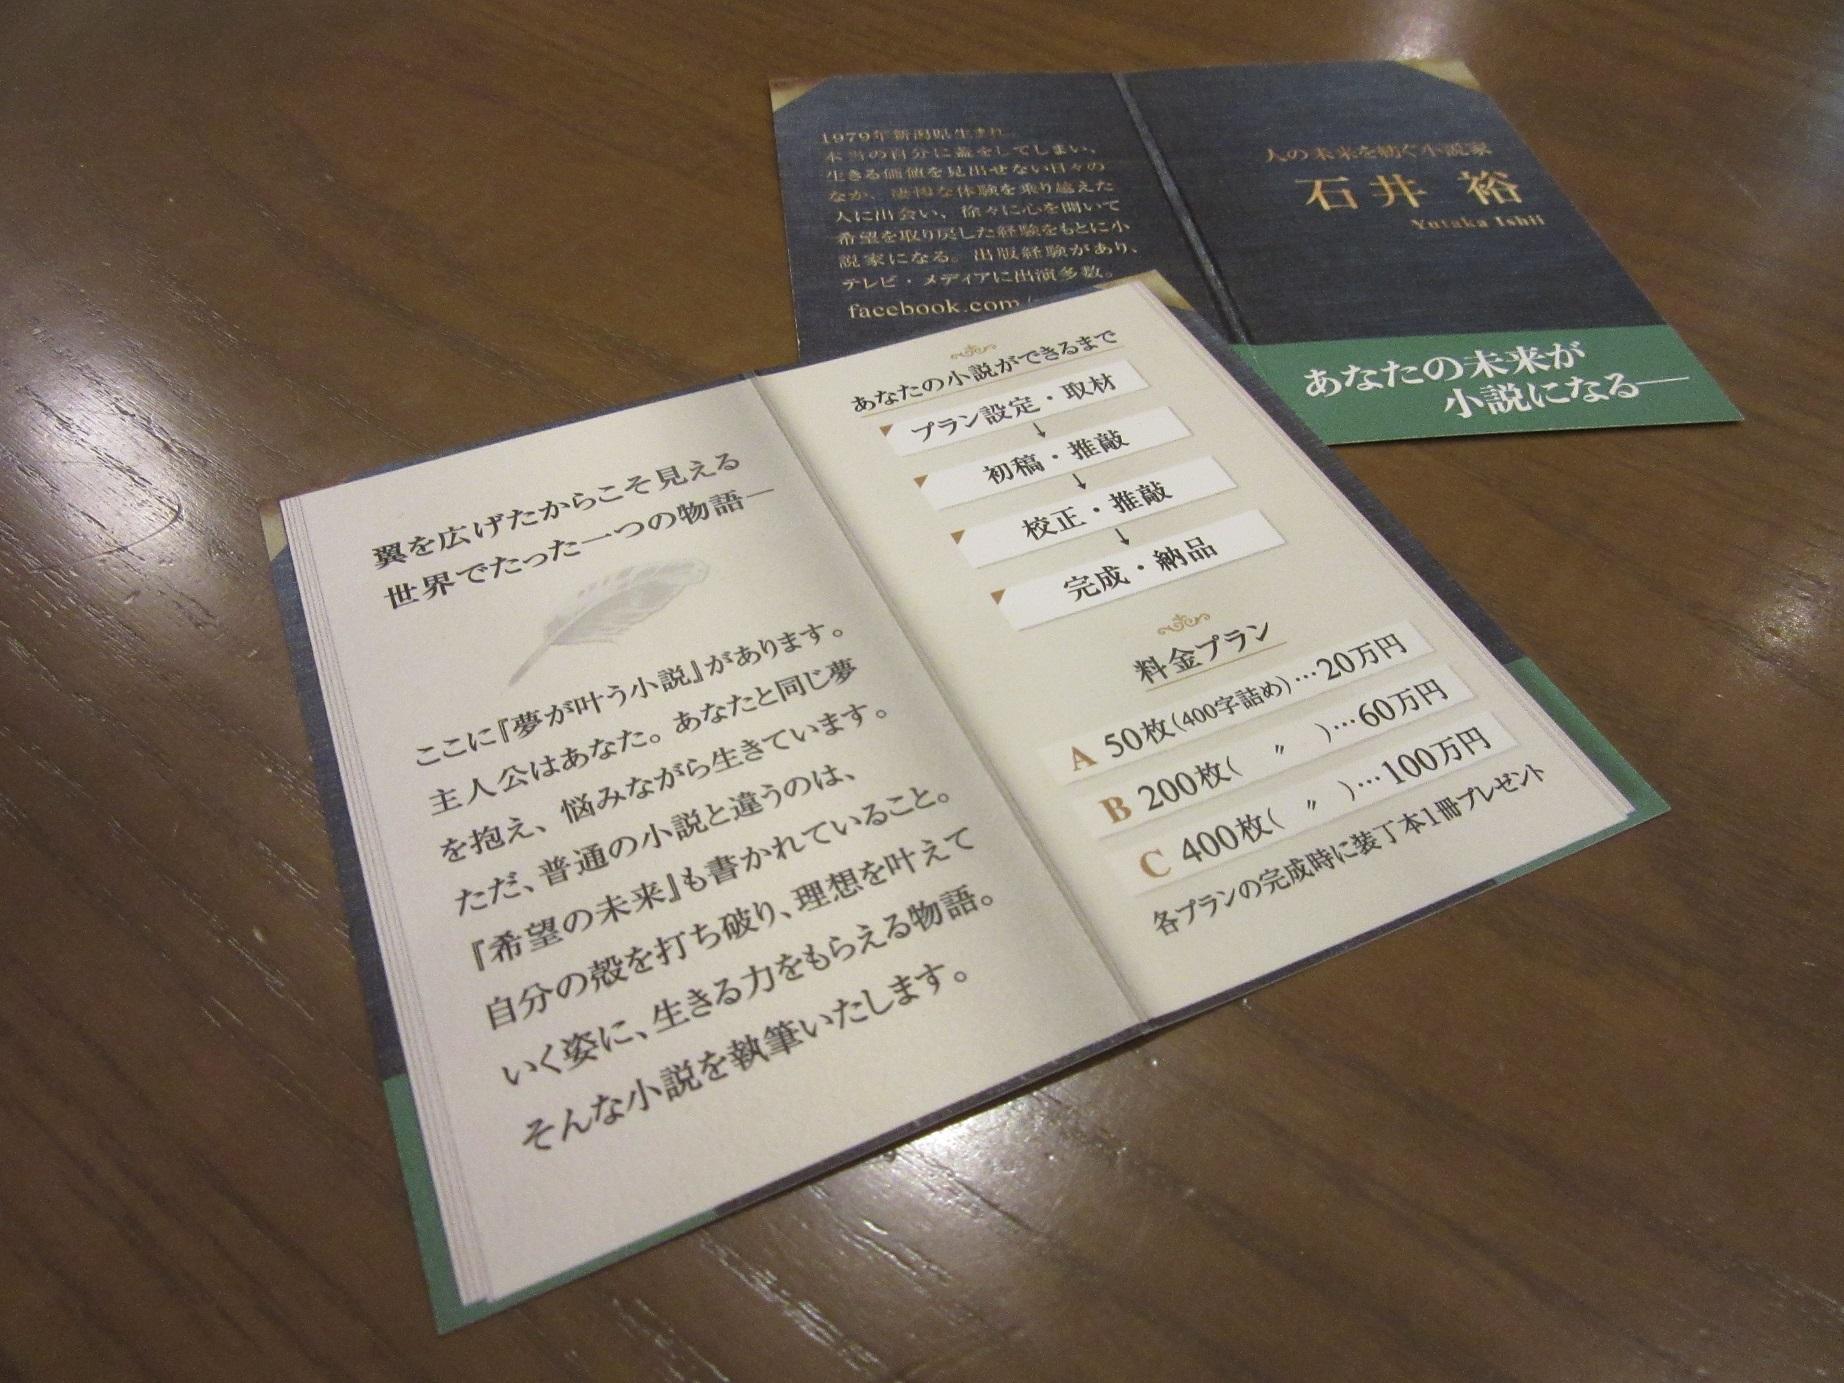 サクセスストーリー 小説